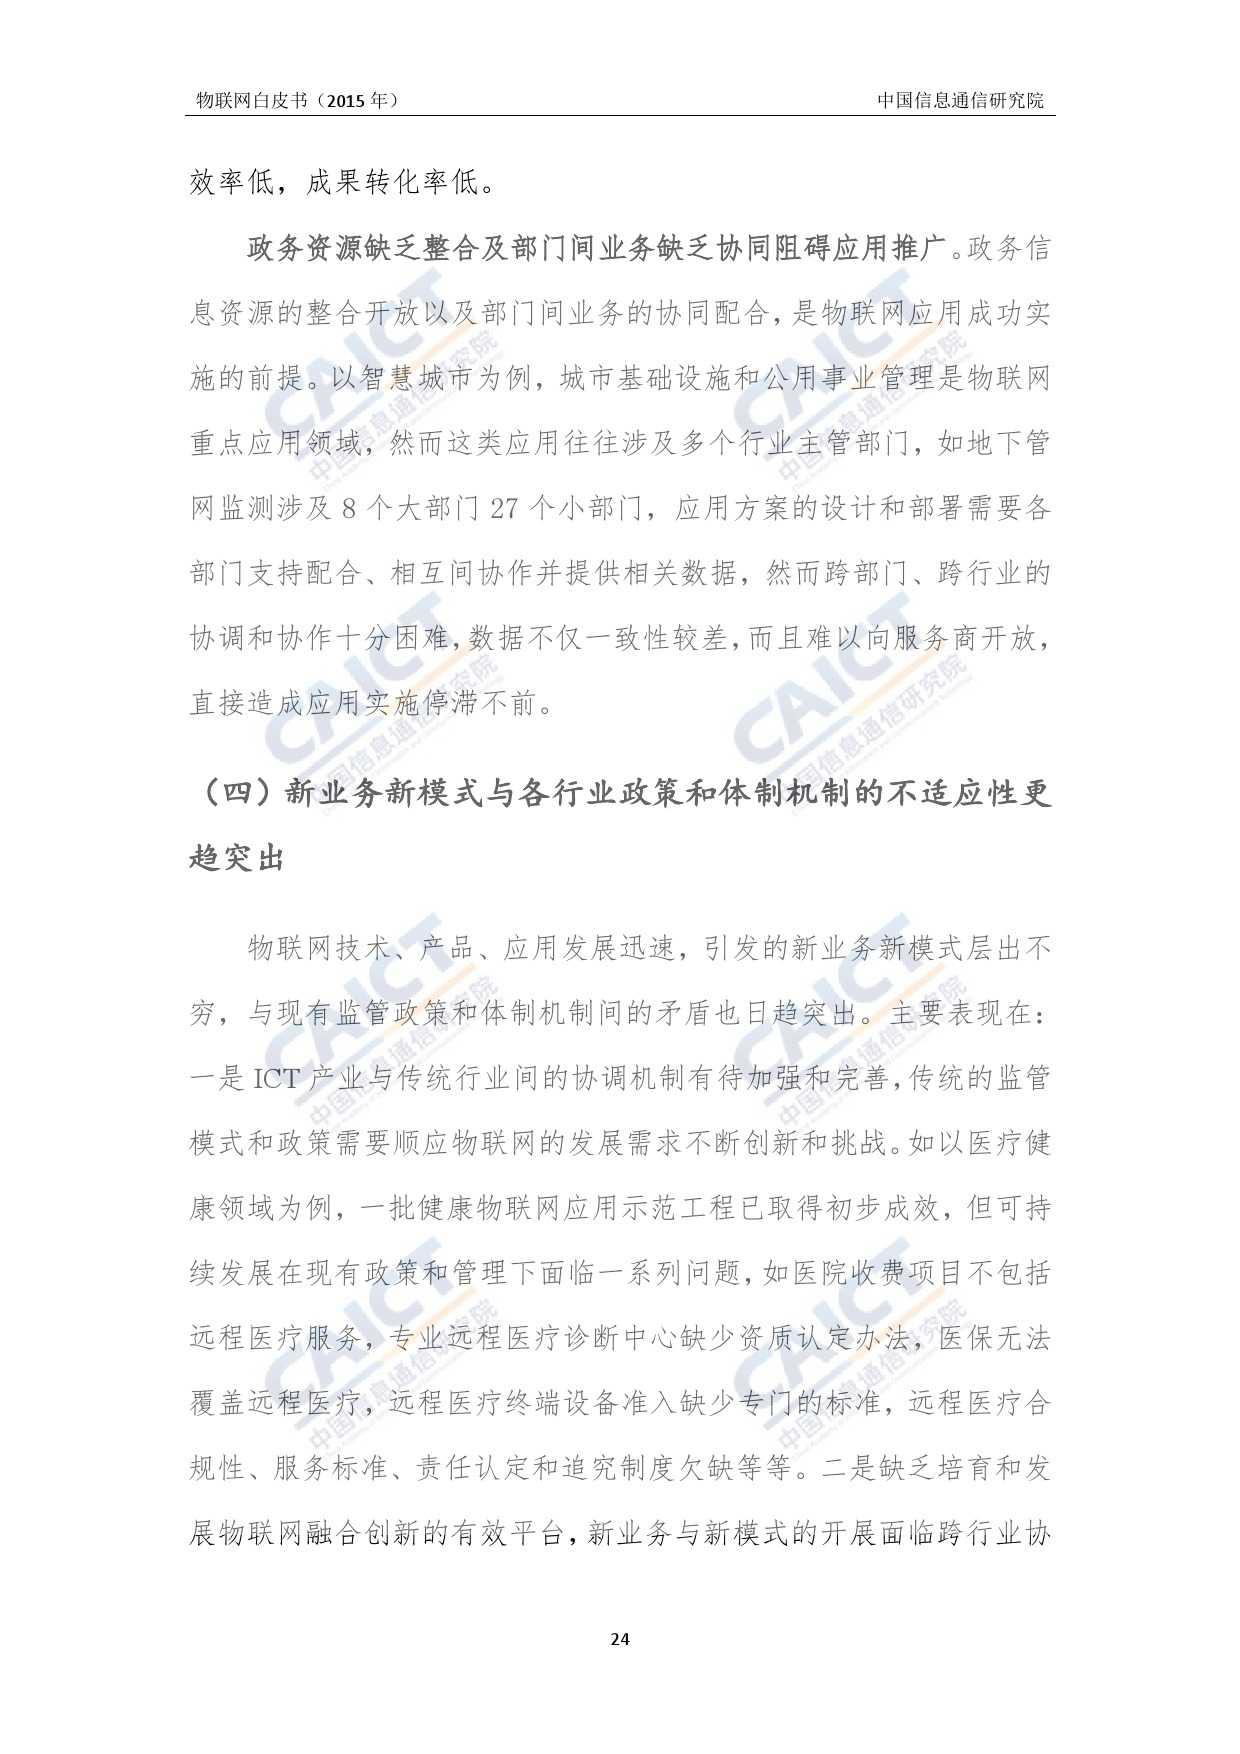 中国信息通信研究院:2015年物联网白皮书_000028